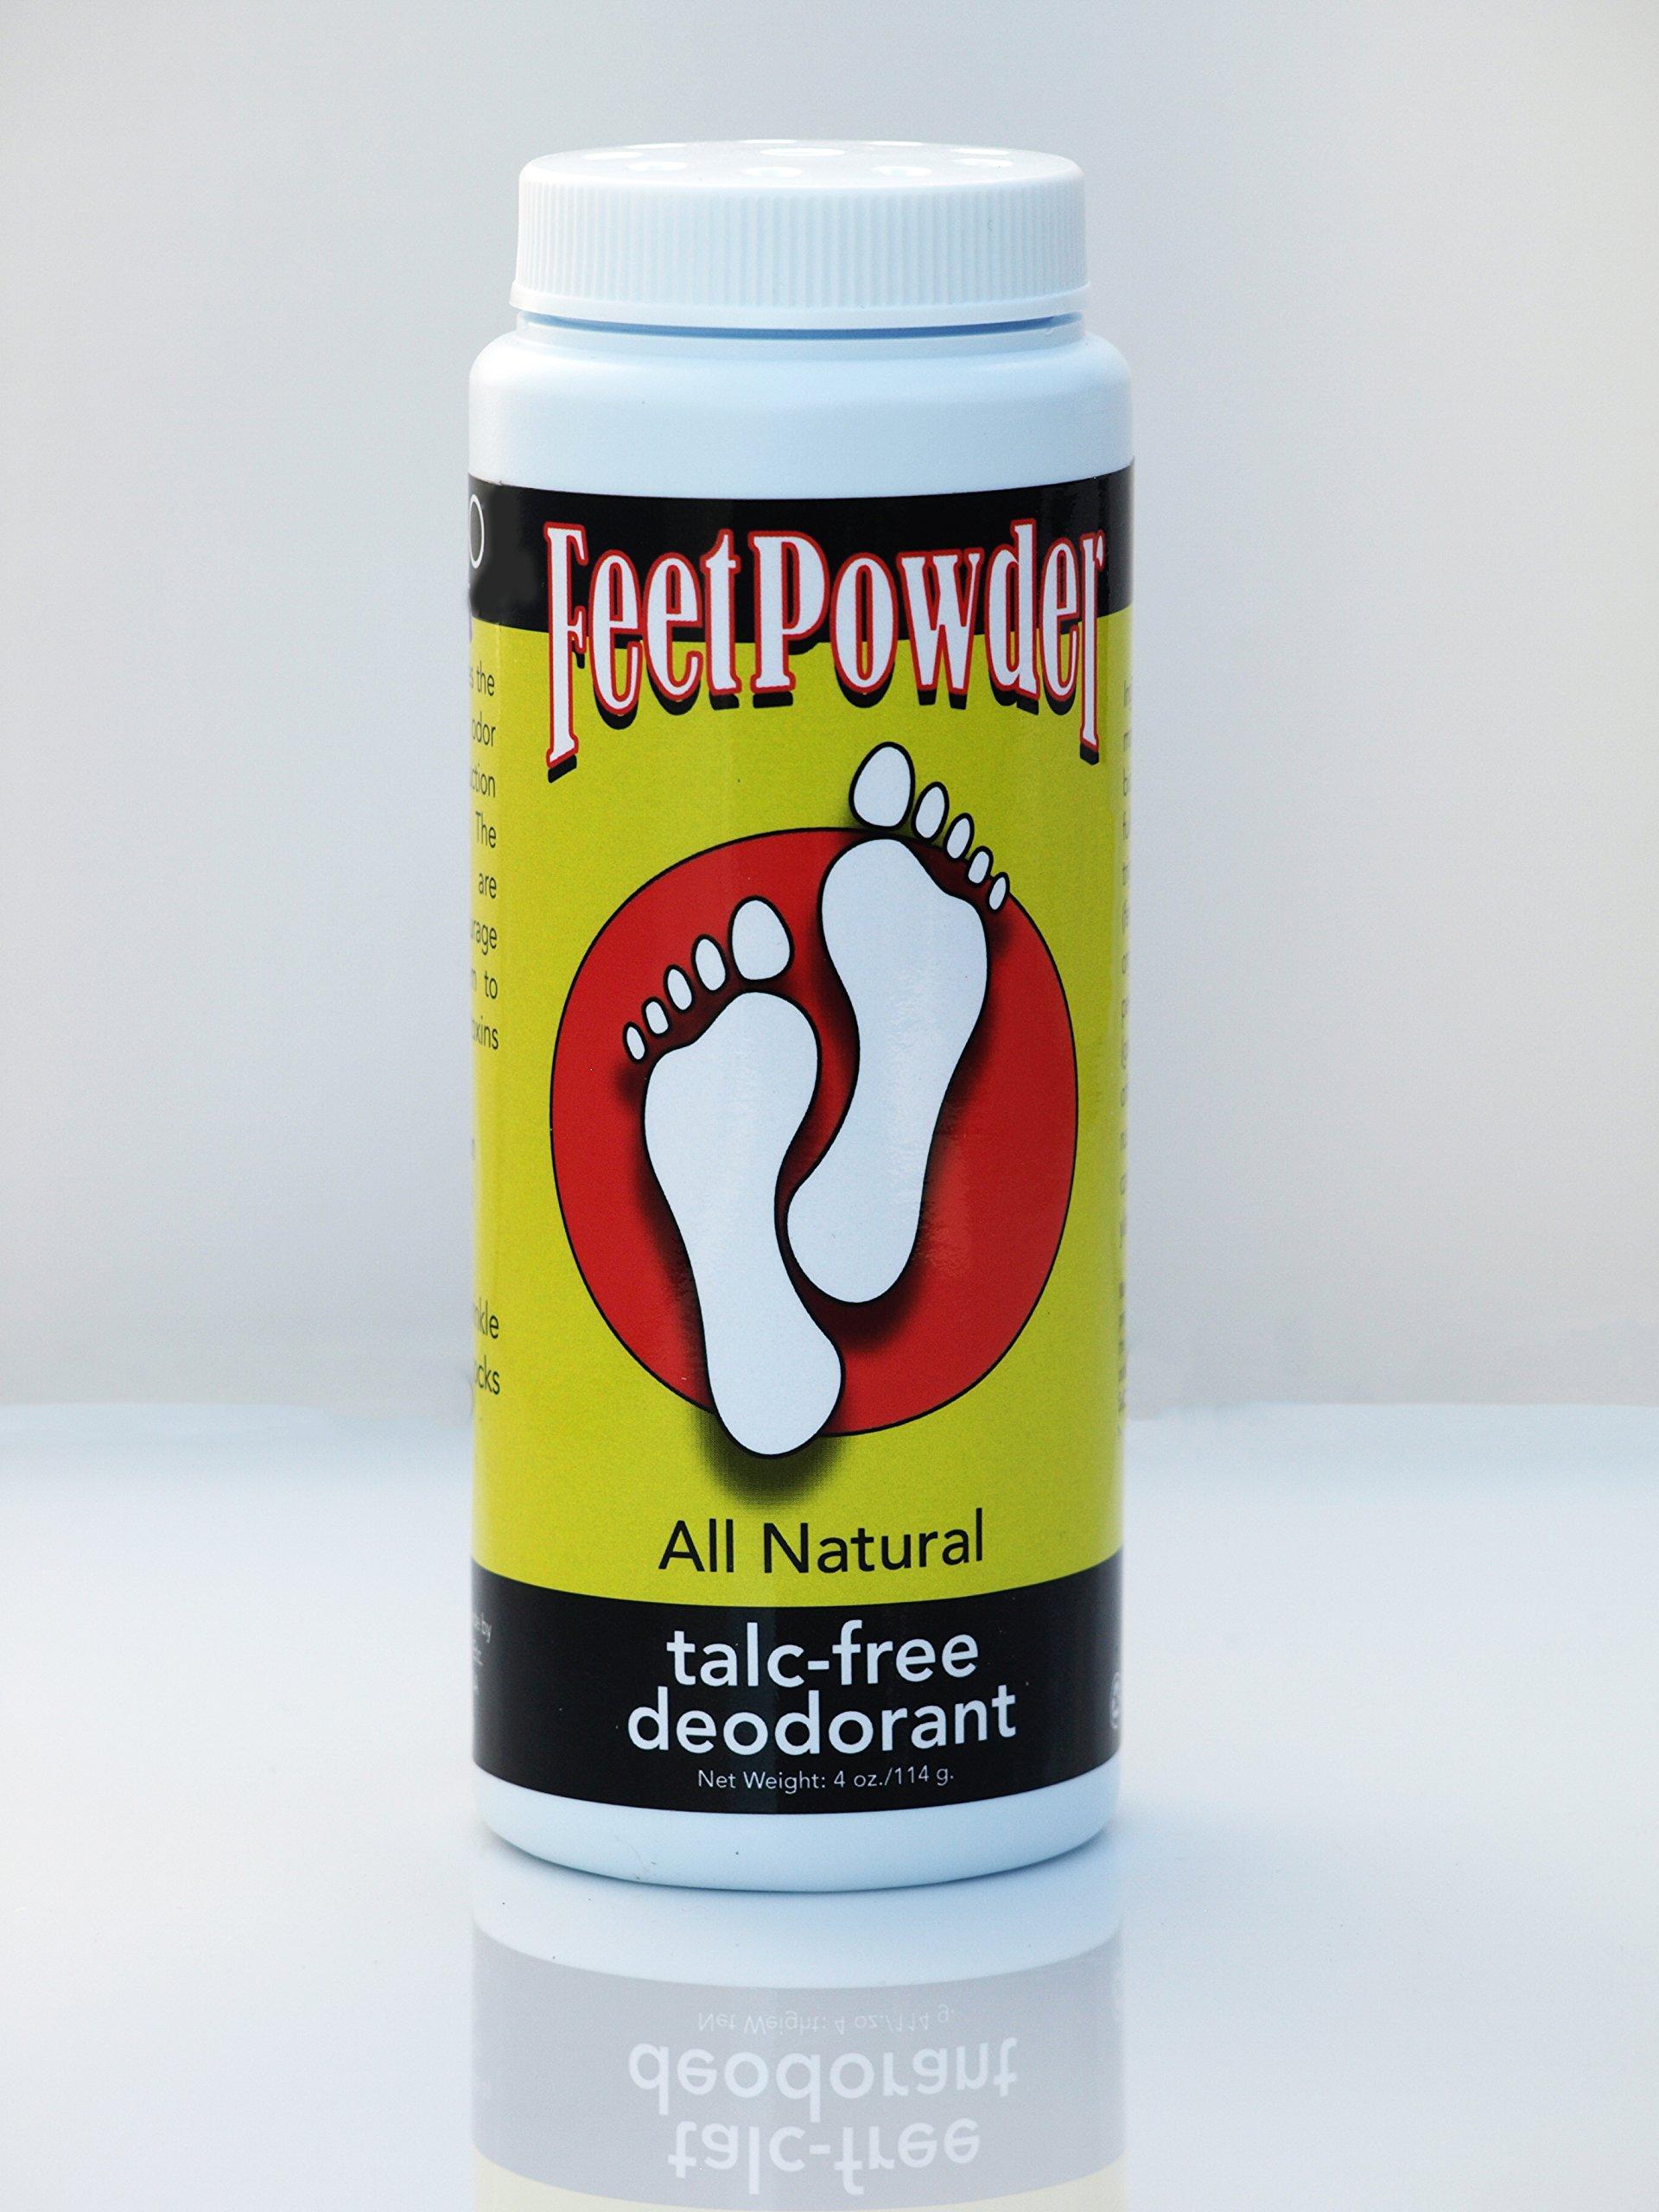 Feet Powder Foot and Shoe Deodorant 4 oz/114mg by Muddy H2O Etc.